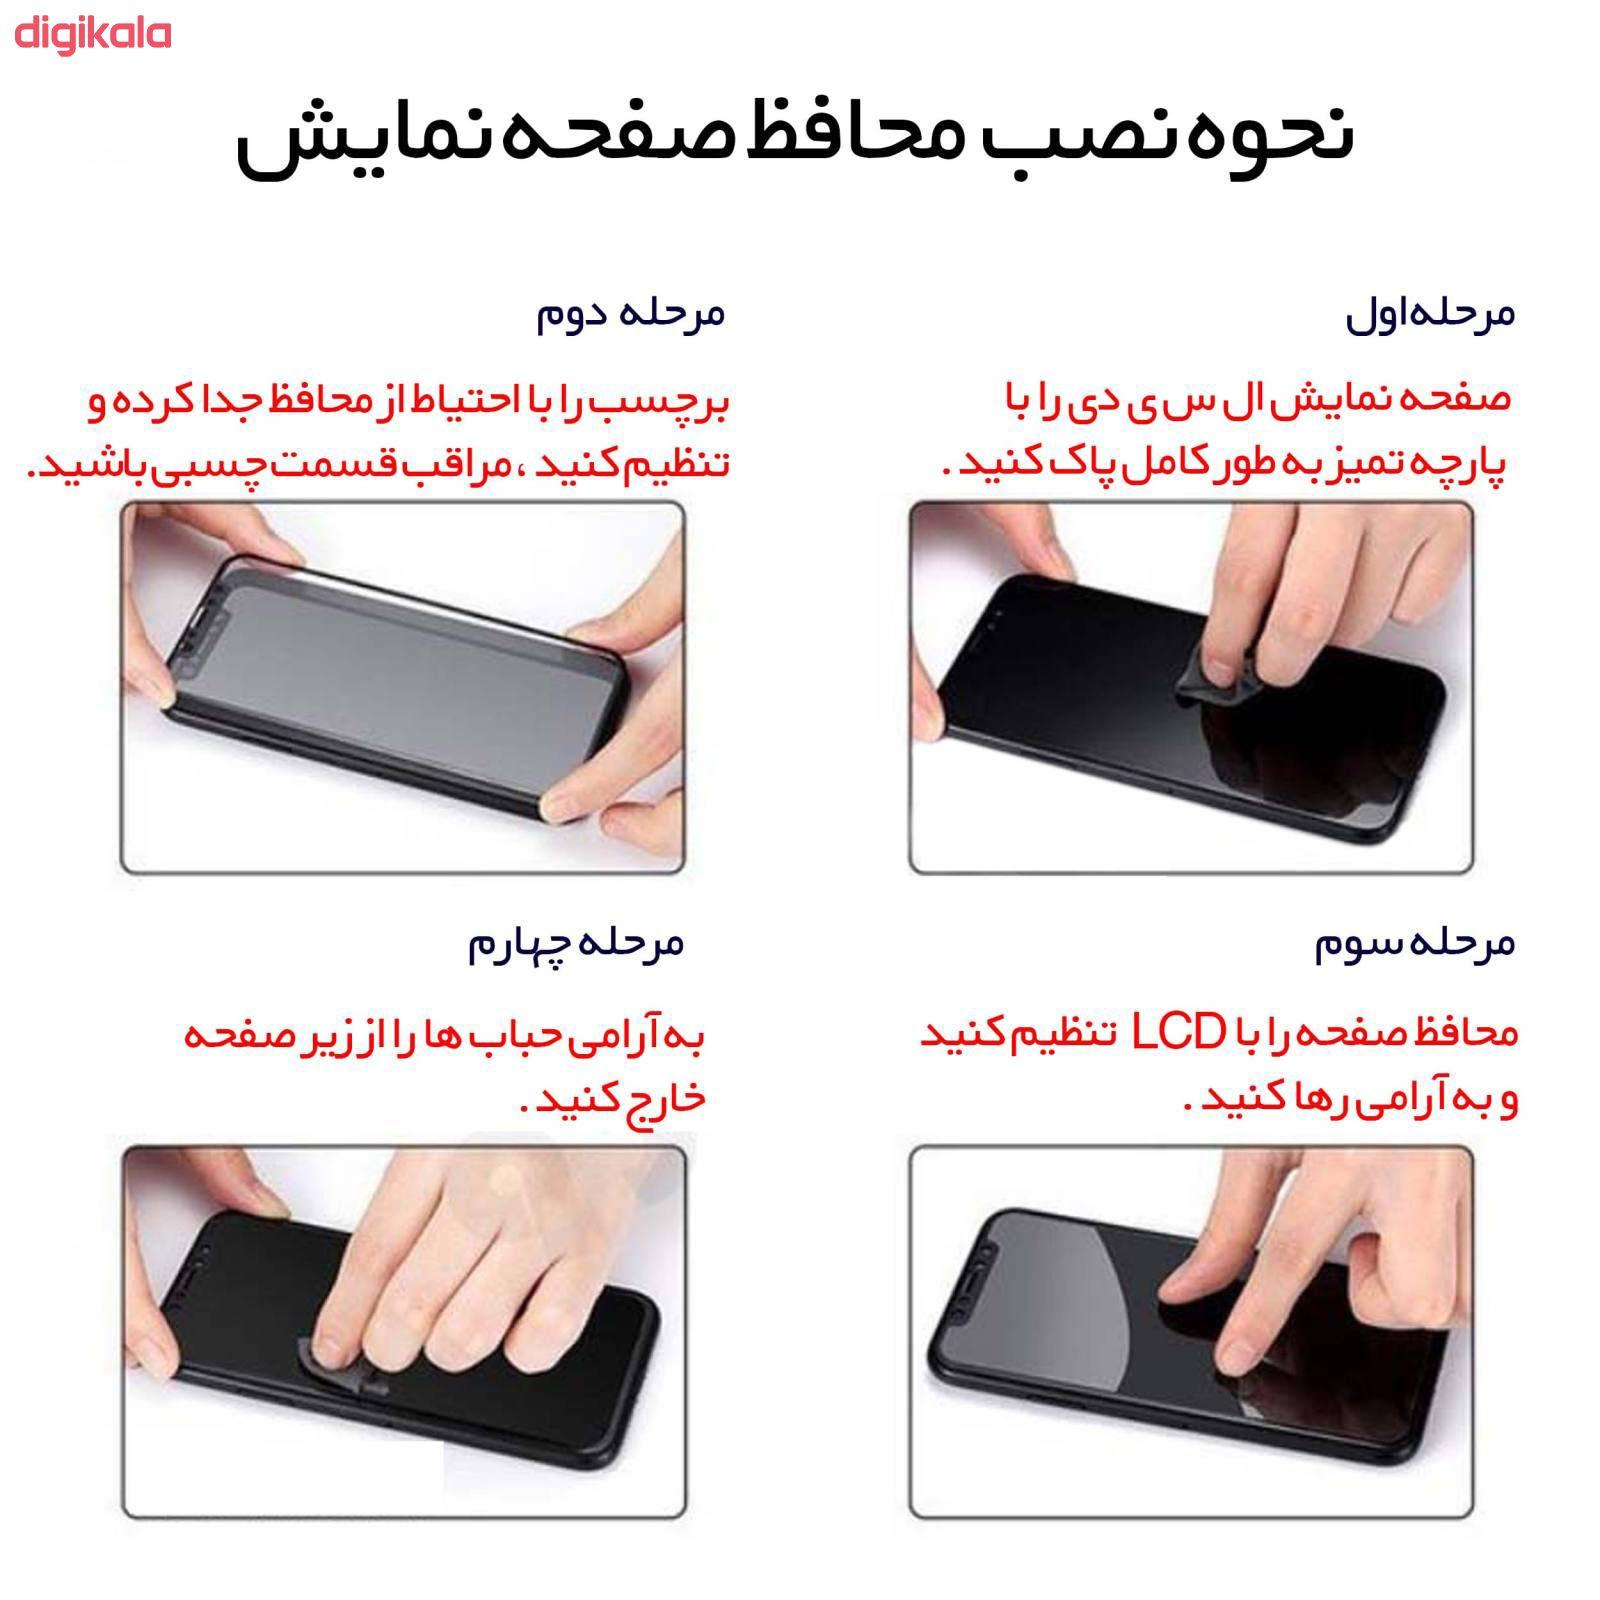 محافظ صفحه نمایش سرامیکی پنتر مدل CER-CL مناسب برای گوشی موبایل سامسونگ Galaxy A31 main 1 3